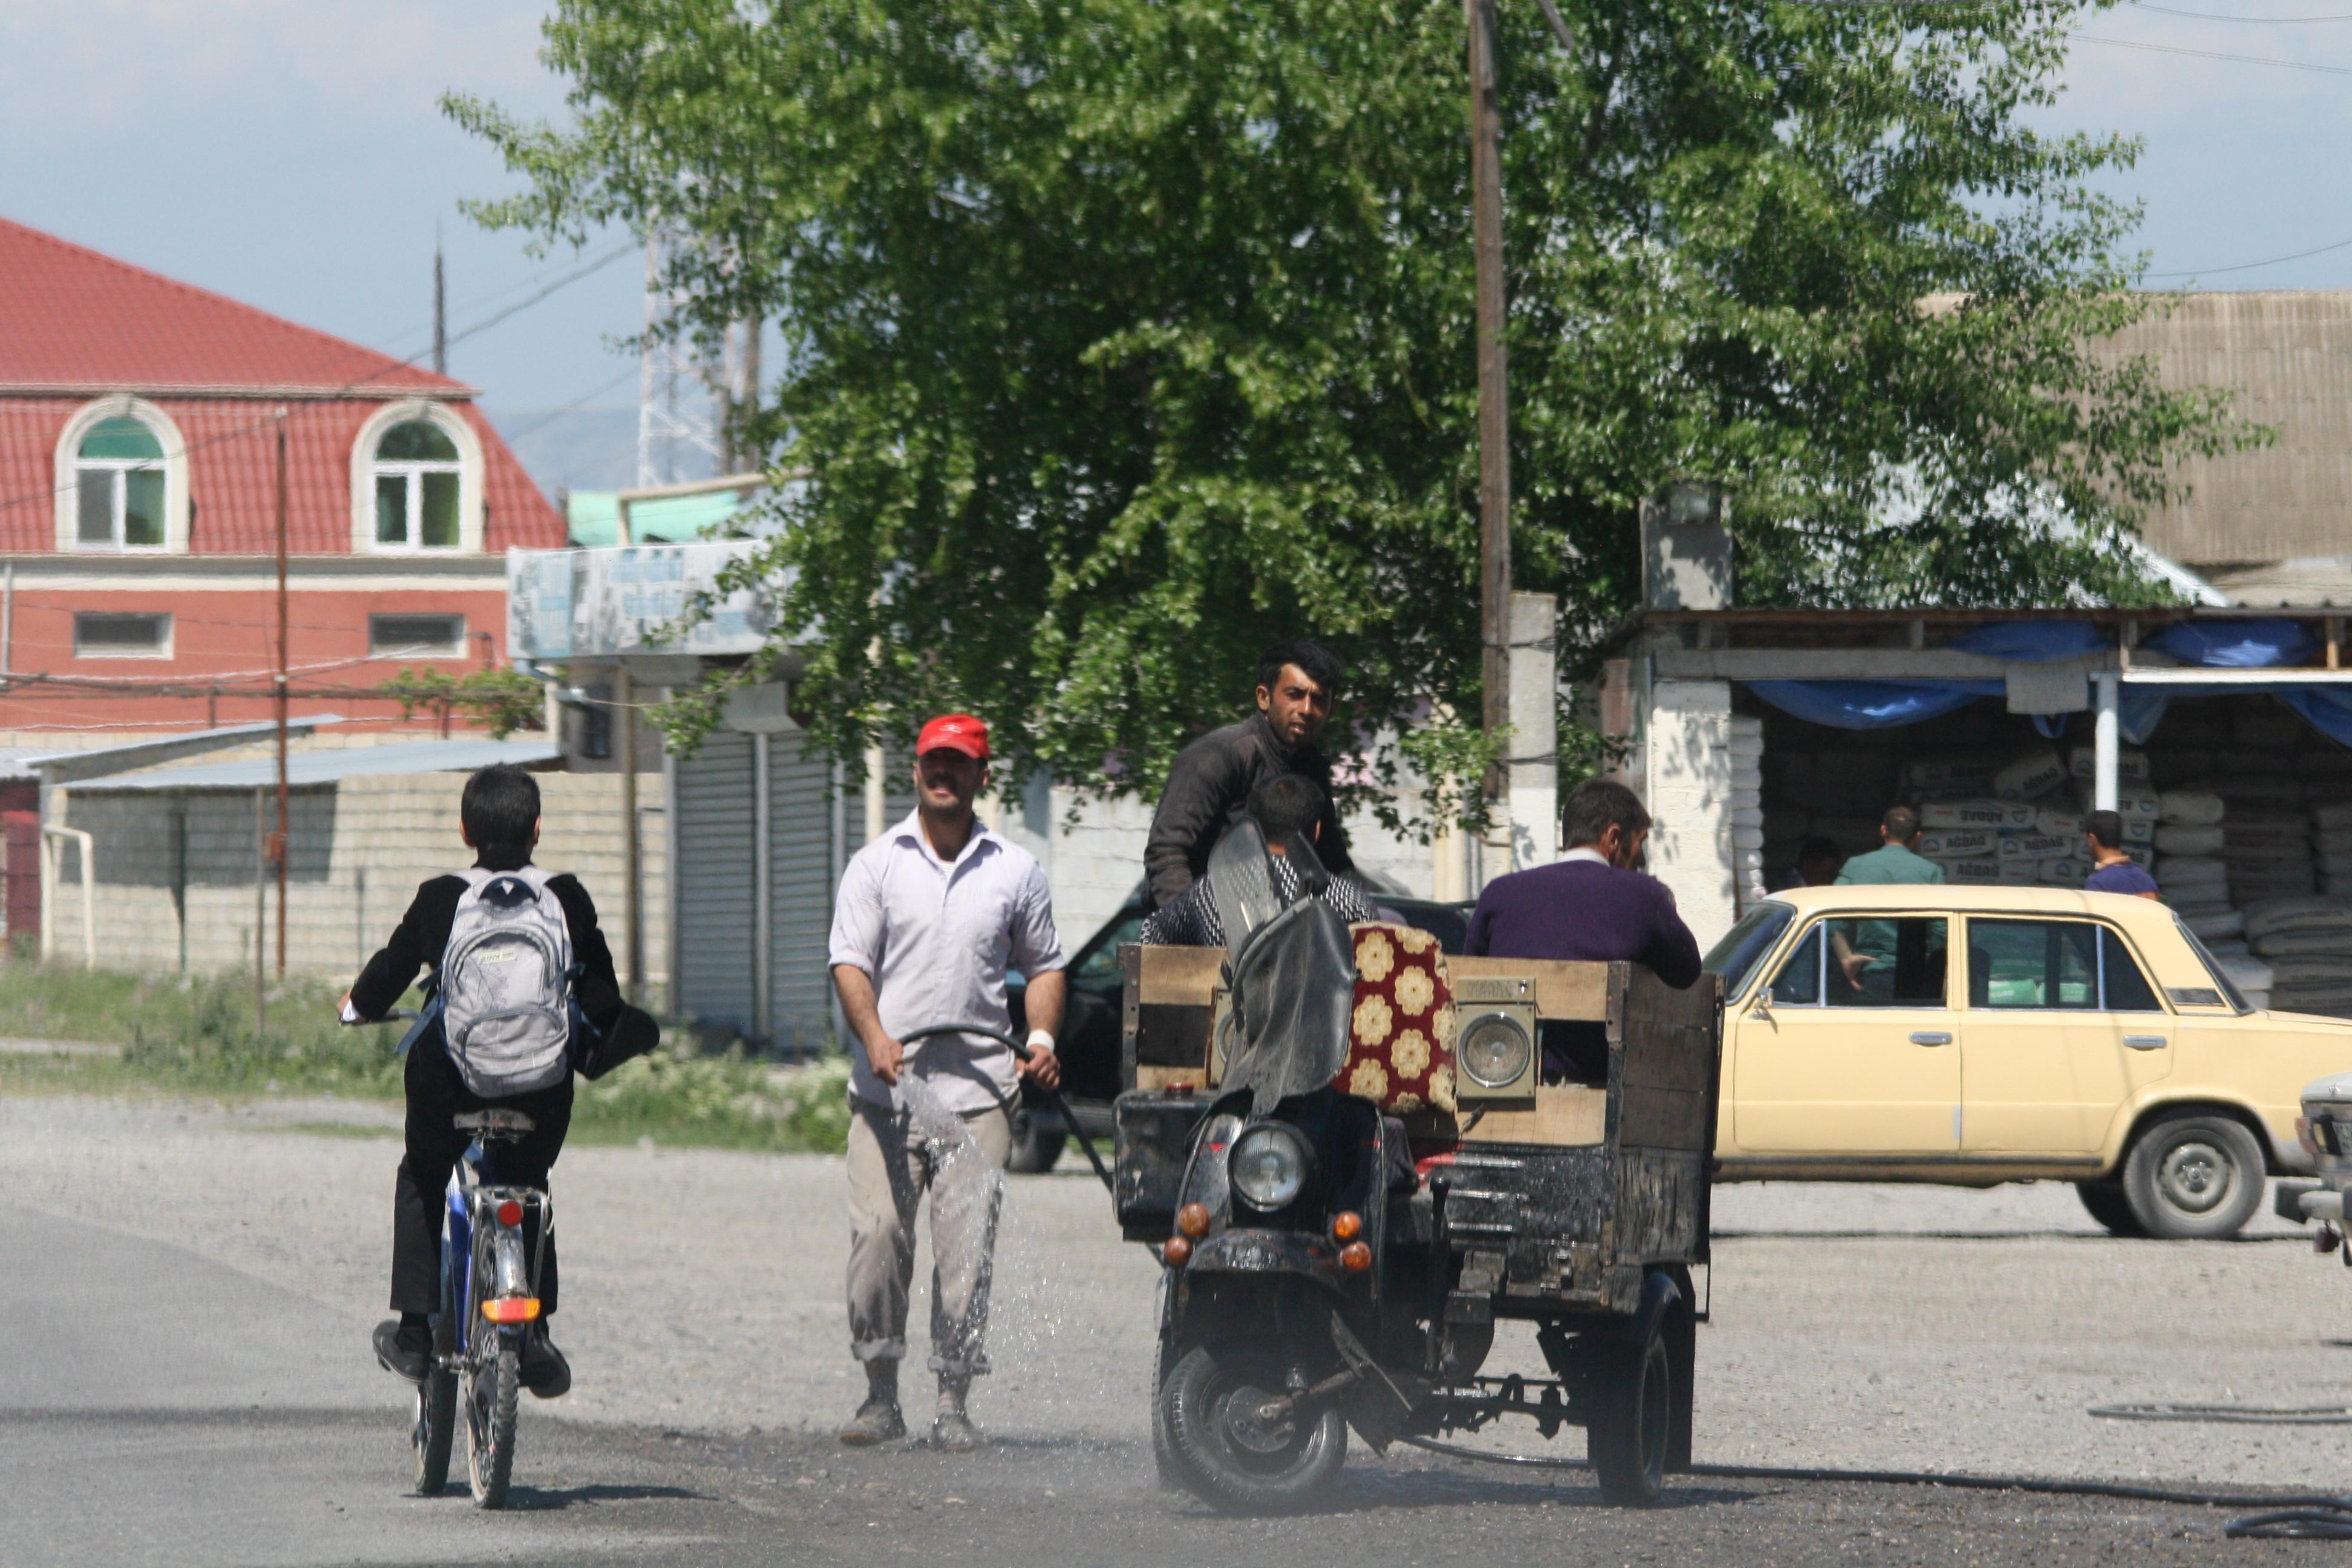 Typisch straatbeeld